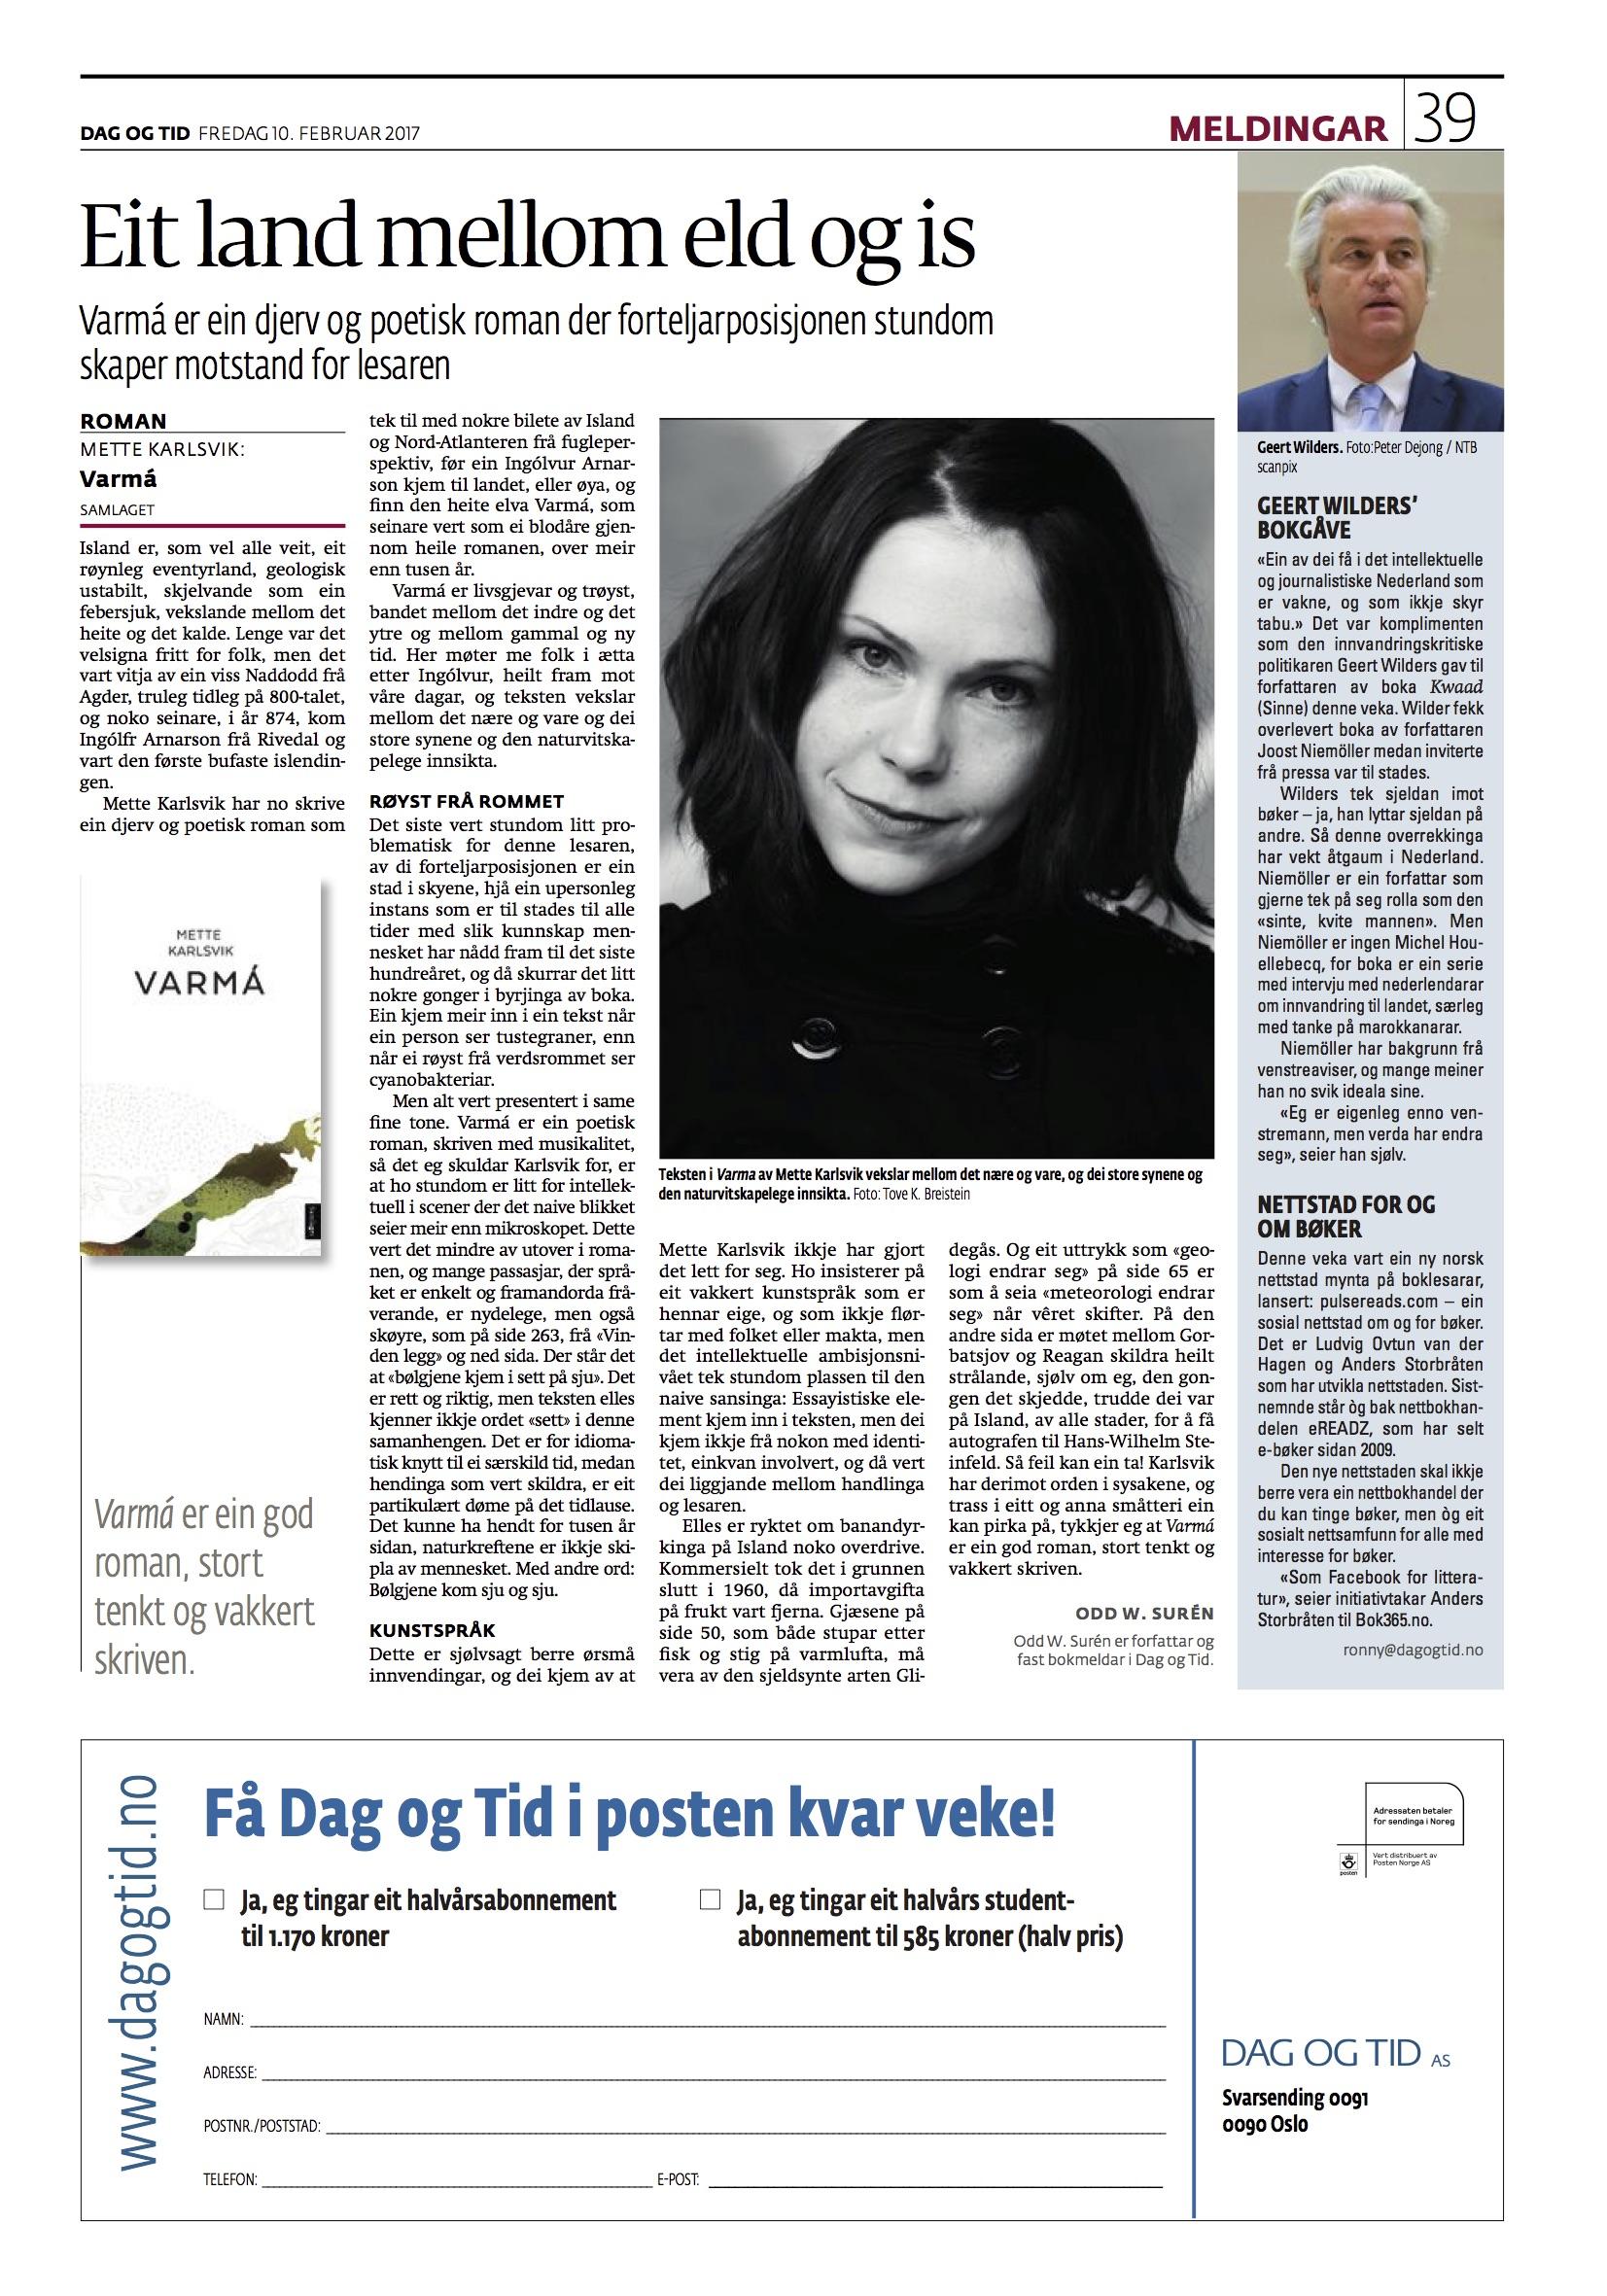 God og lærarik melding av Varmá, underskriven Odd W. Surén. Dag og tid 10/2.